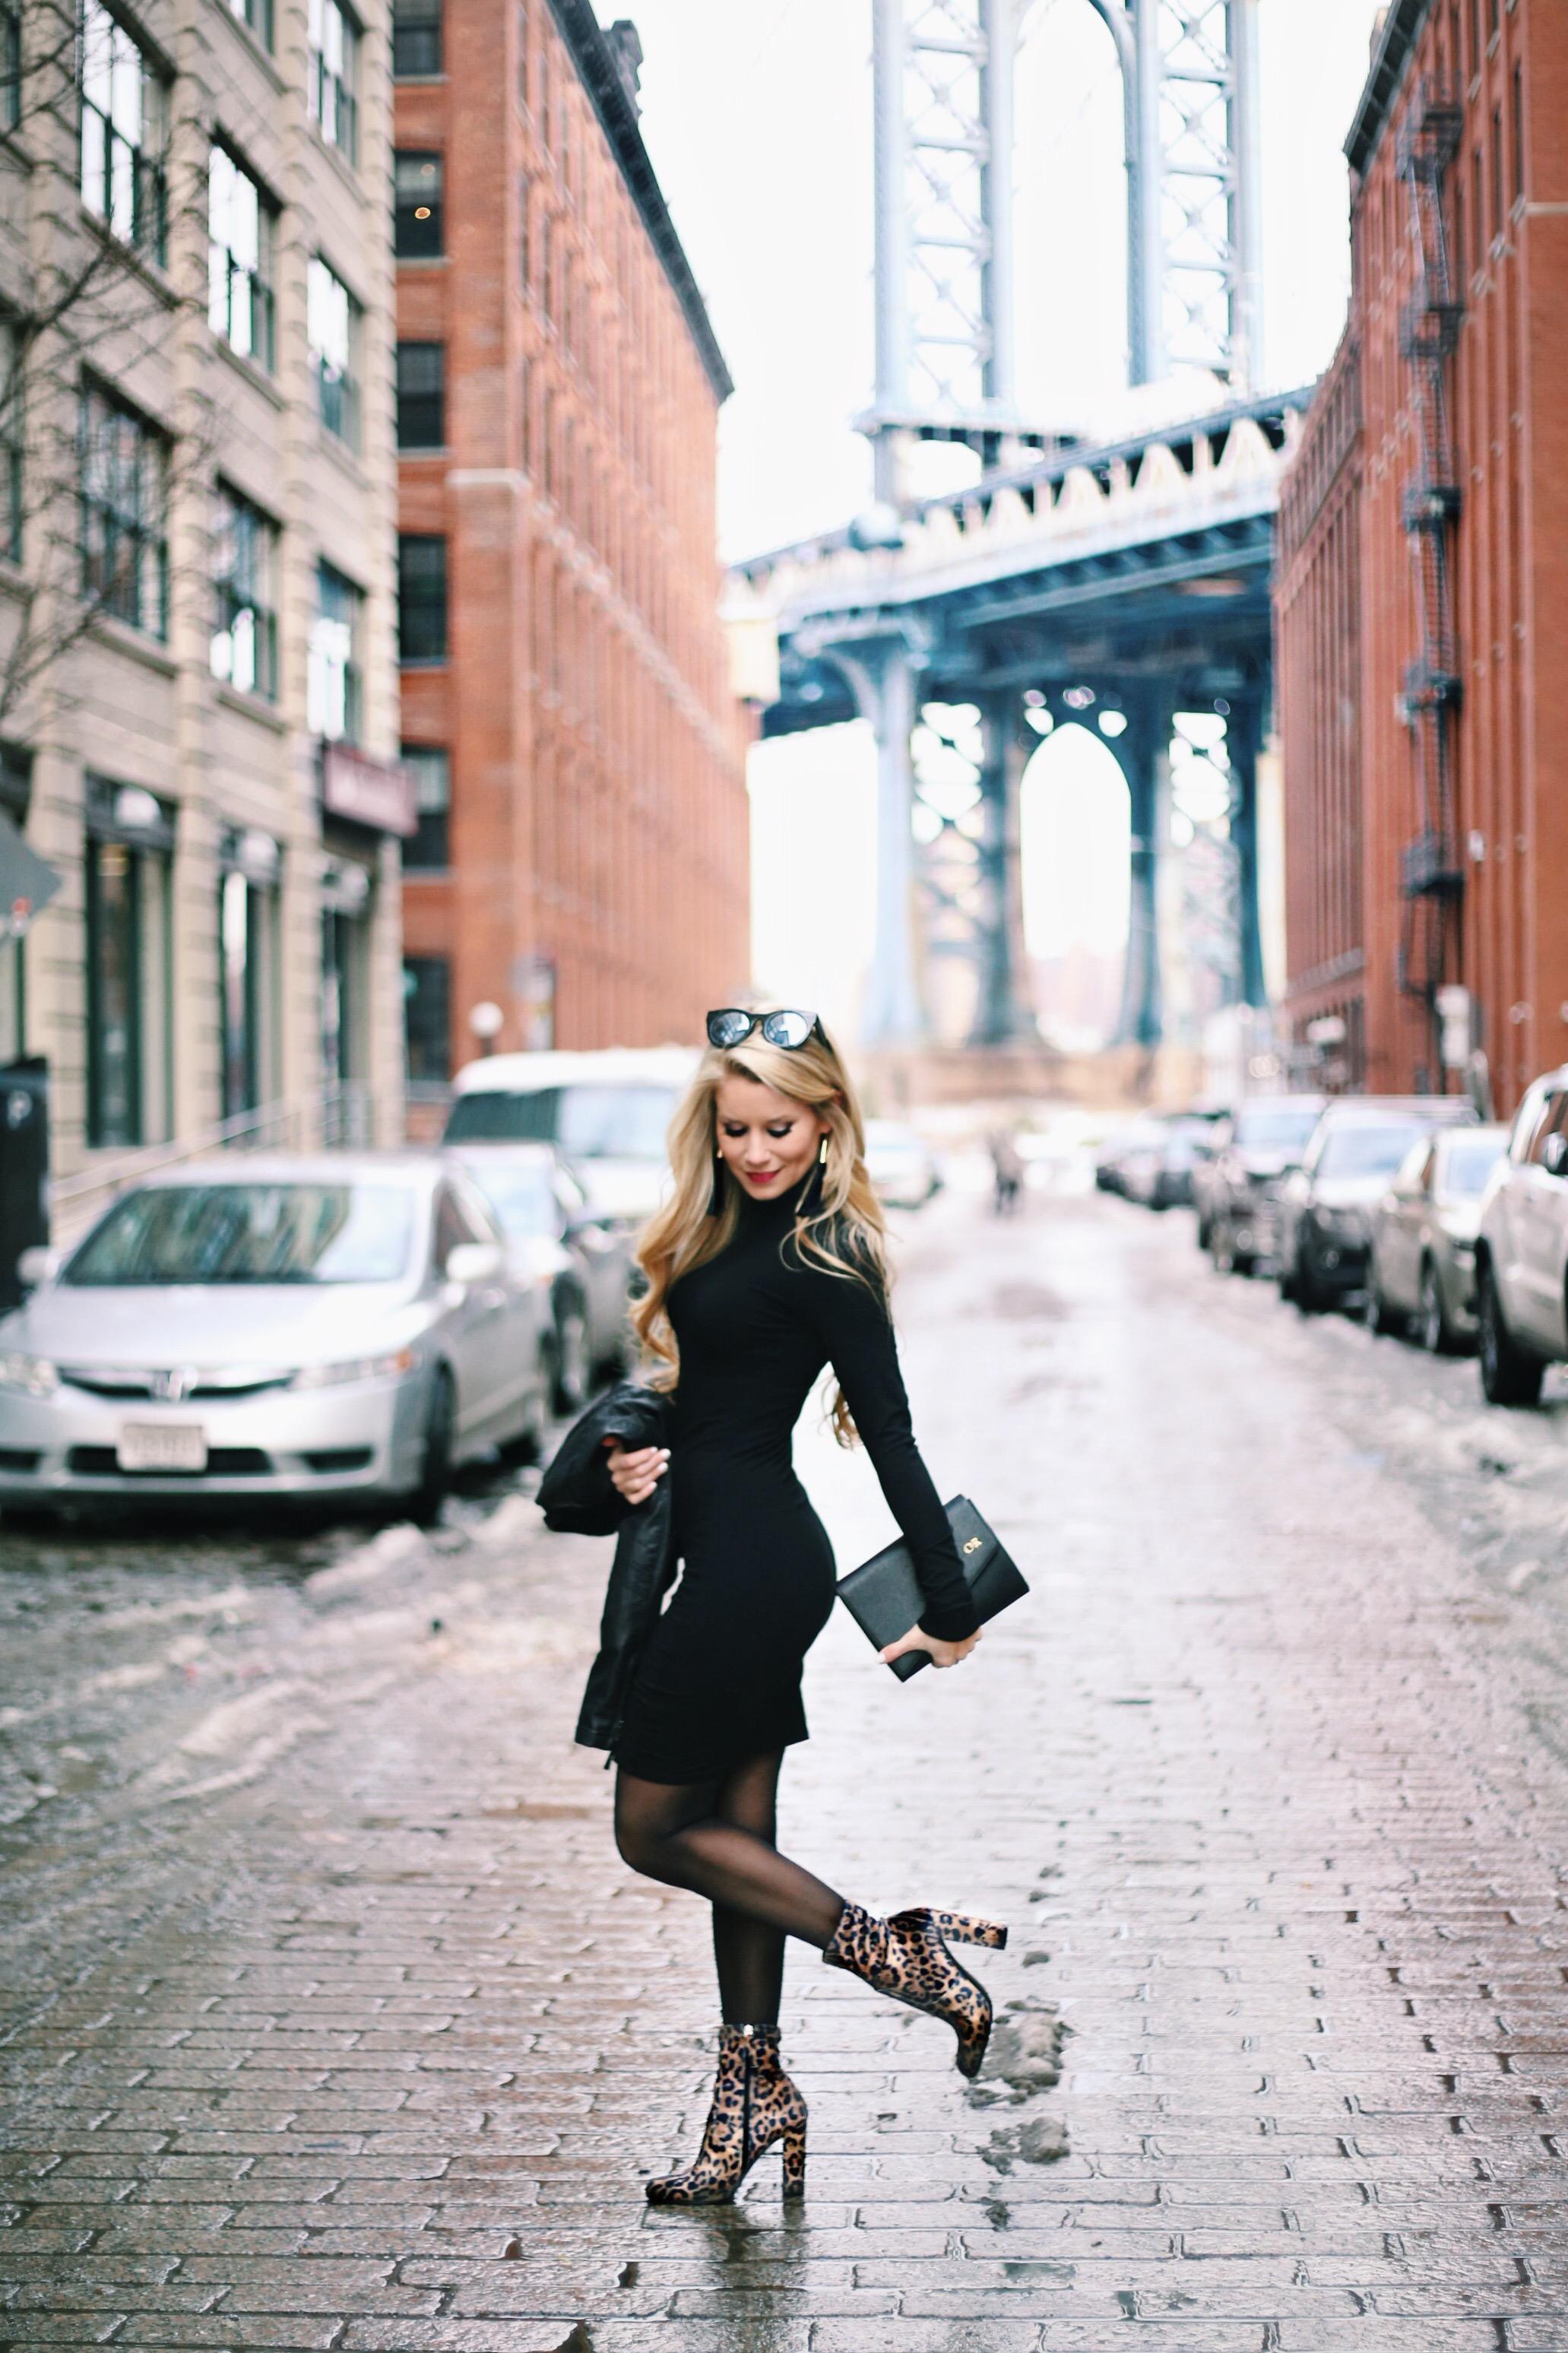 Black Dress + Leopard Booties - Welcome